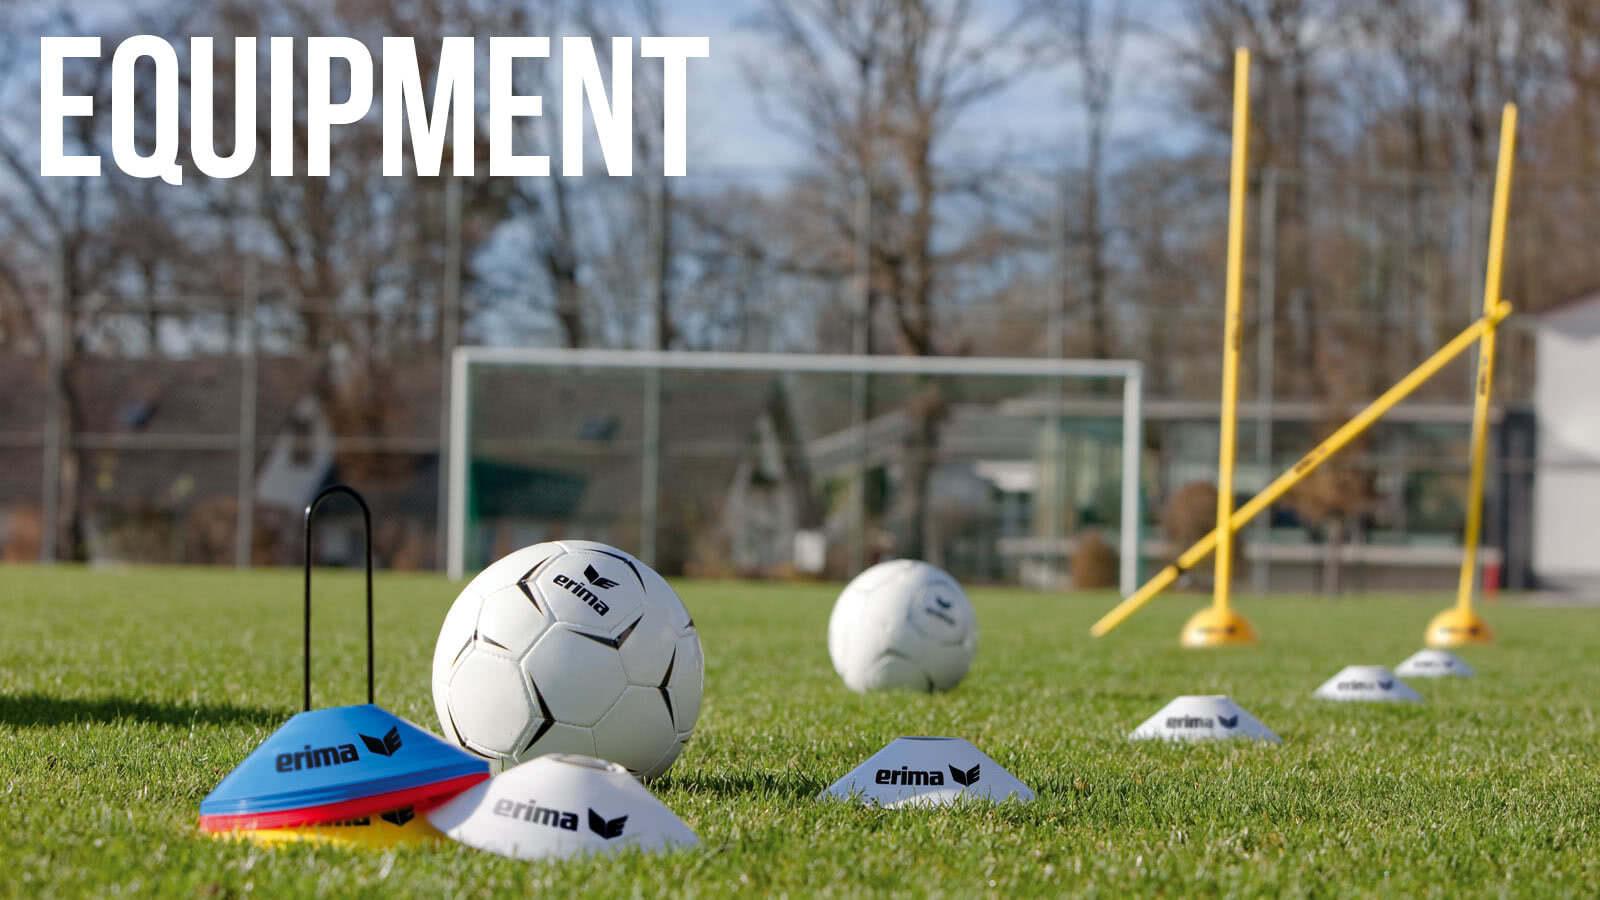 Trainingshilfen und Equipment den du wirklich brauchst